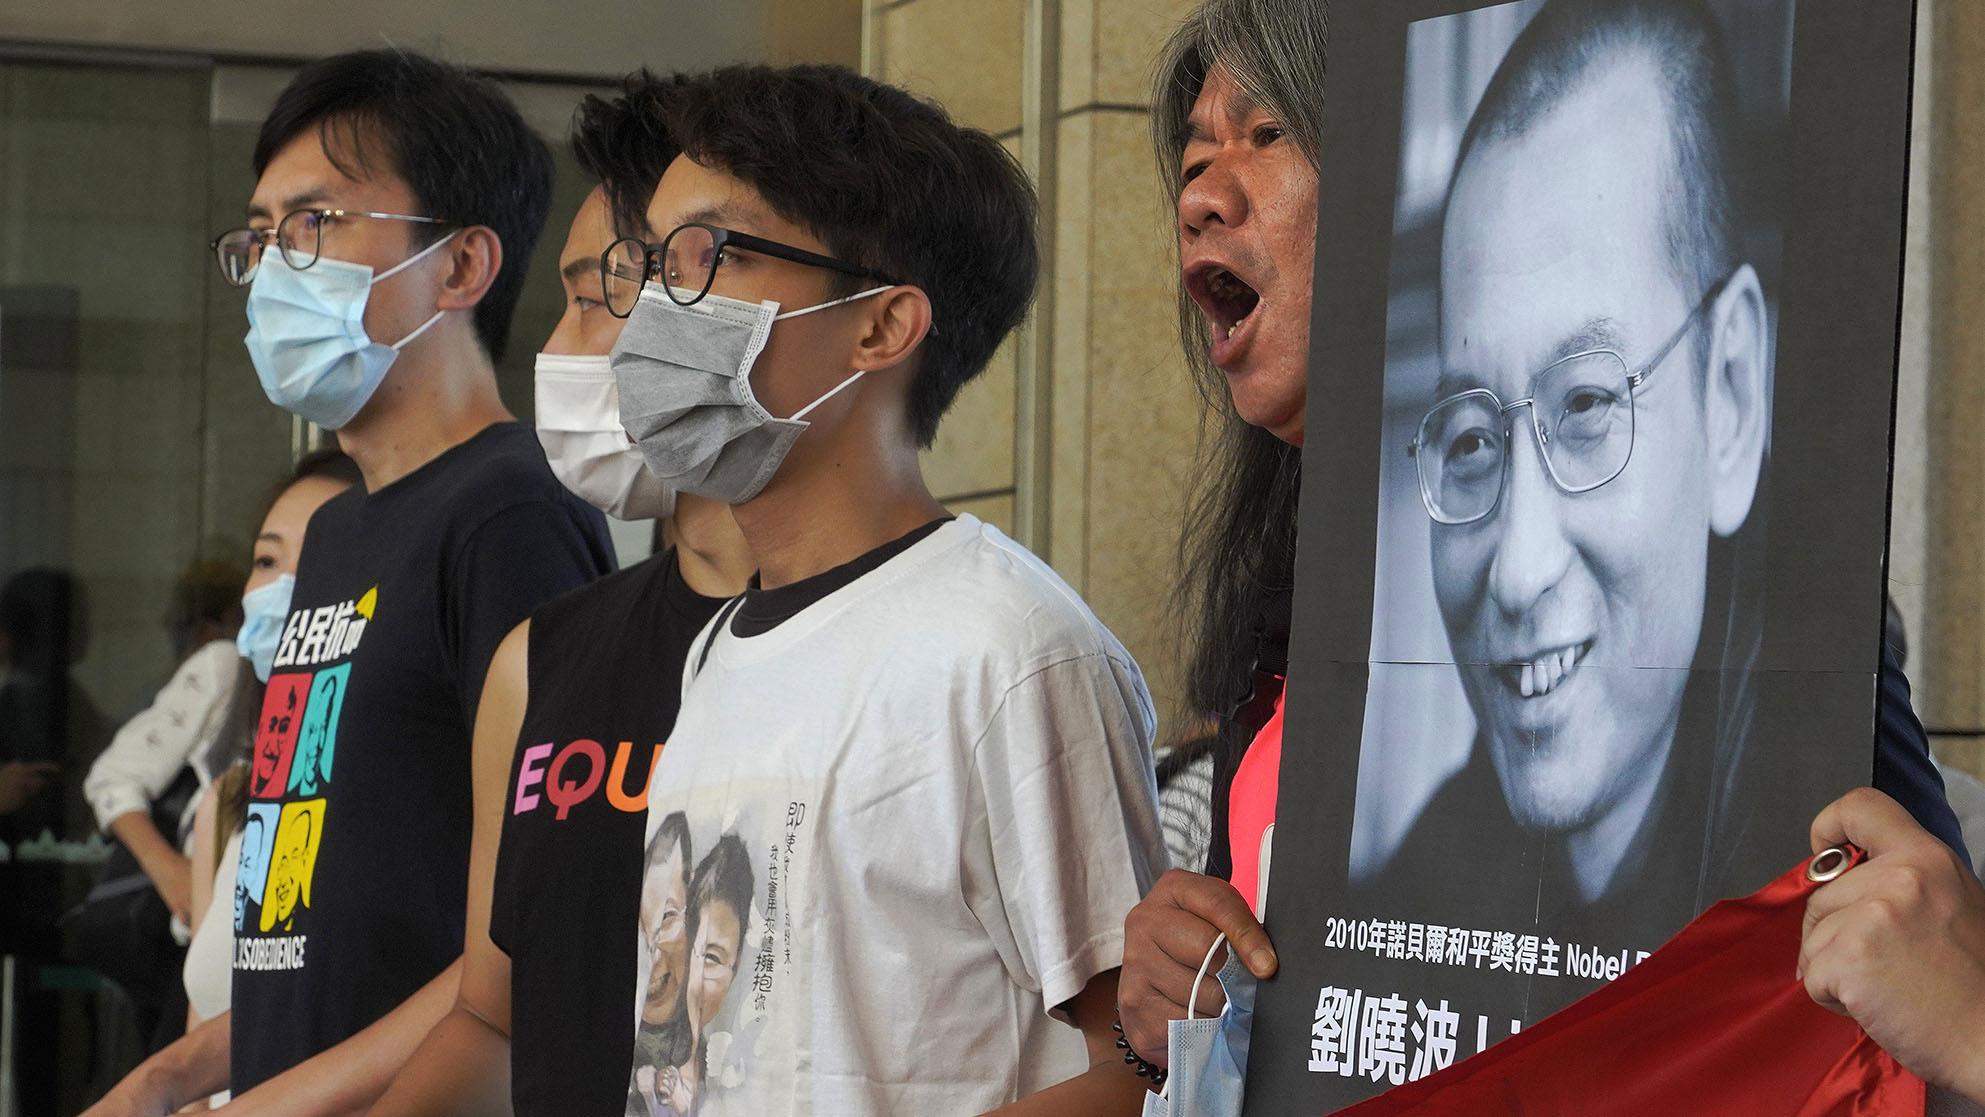 2020年7月13日,香港民众在纪念刘晓波逝世三周年。(美联社)